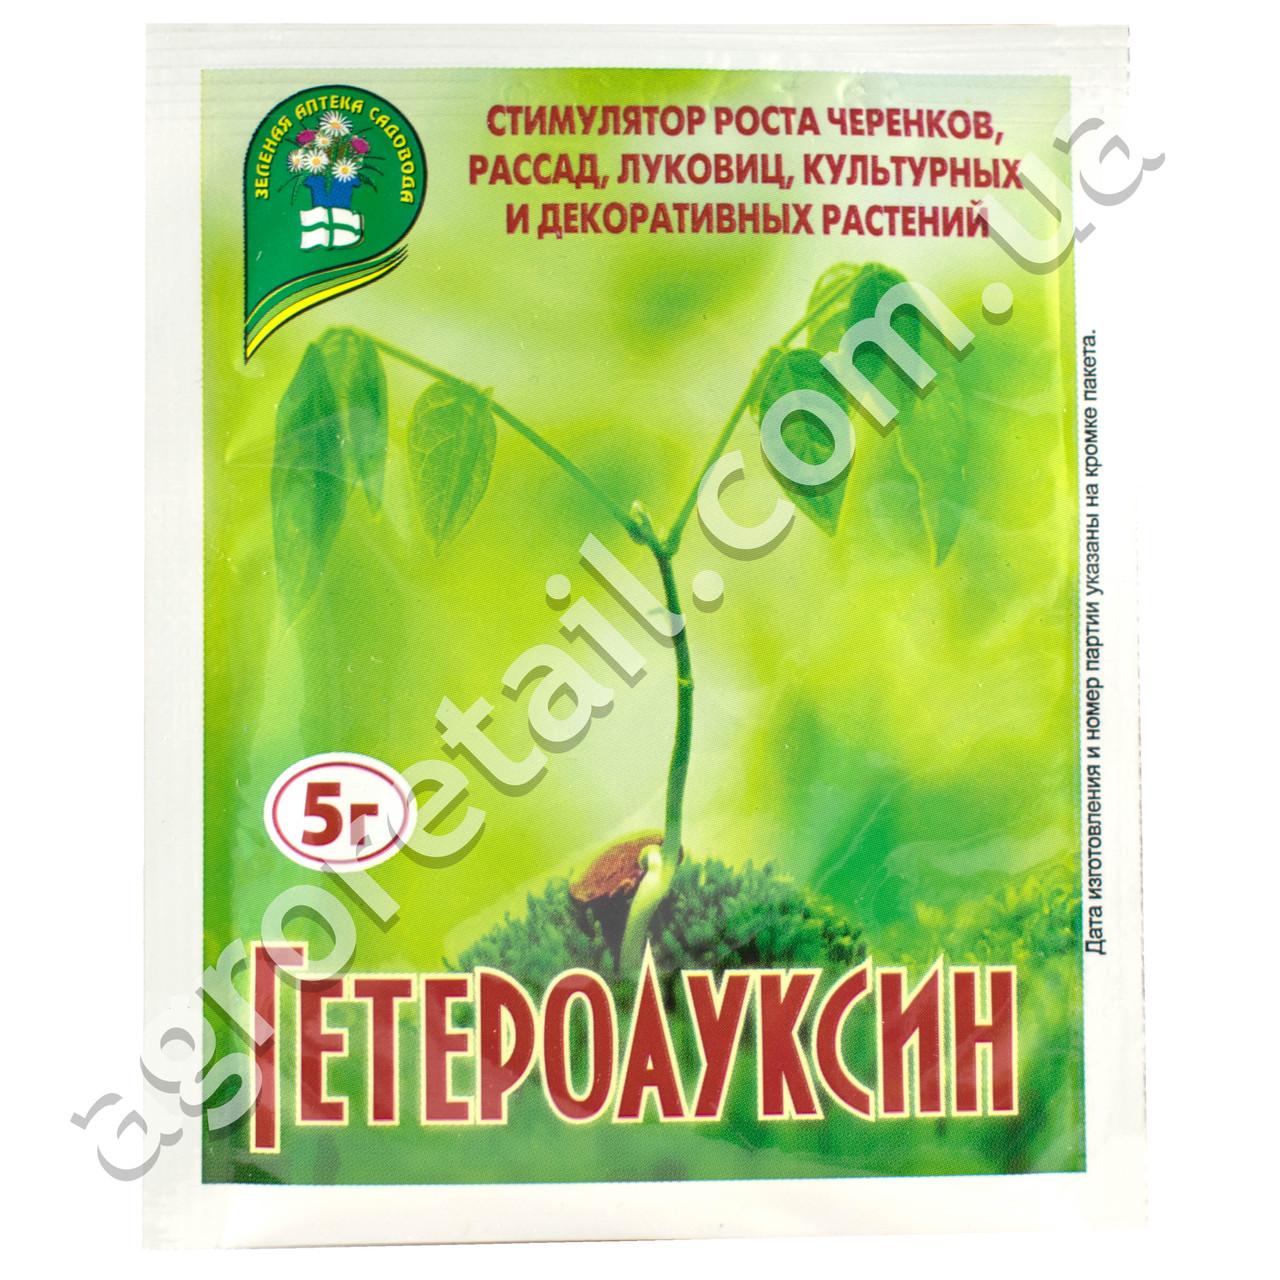 Гетероауксин 5 г - Интернет-магазин Agroretail.com.ua в Днепропетровской области